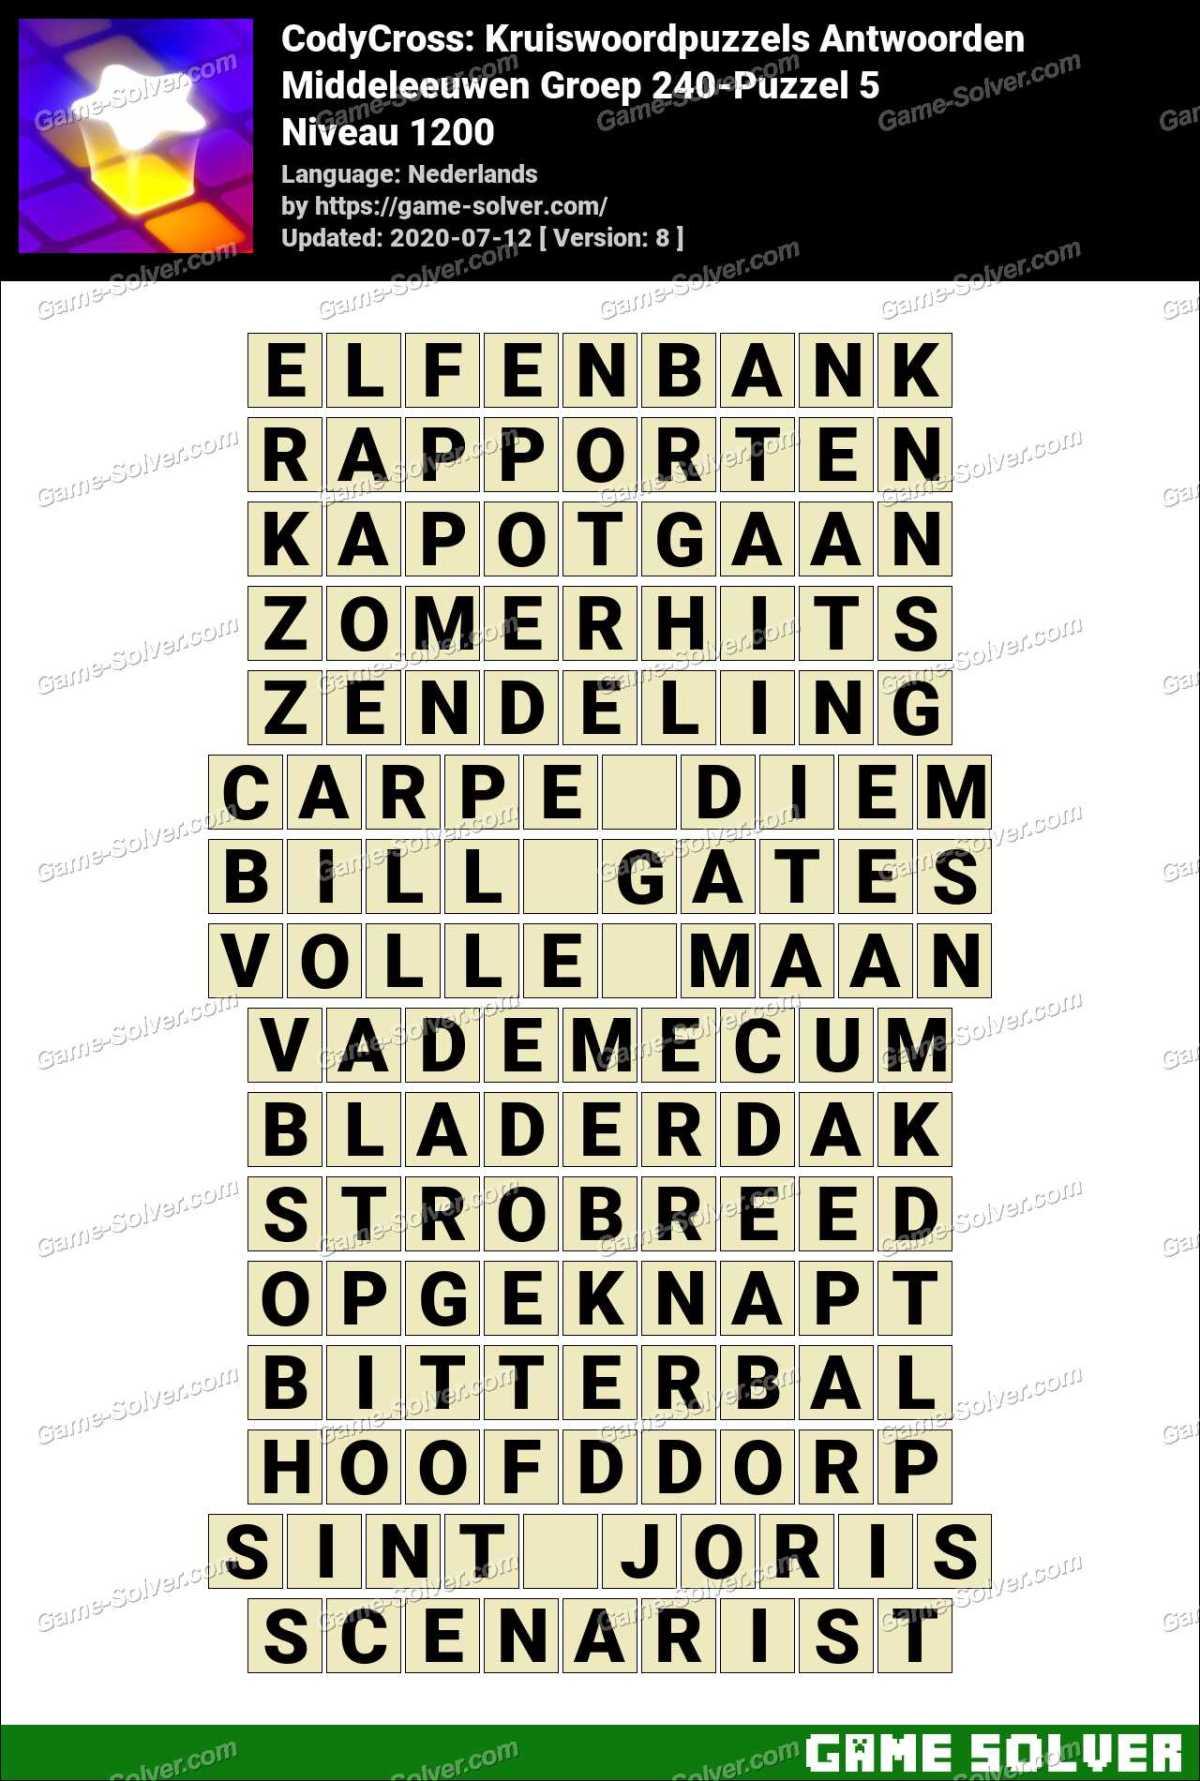 CodyCross Middeleeuwen Groep 240-Puzzel 5 Antwoorden